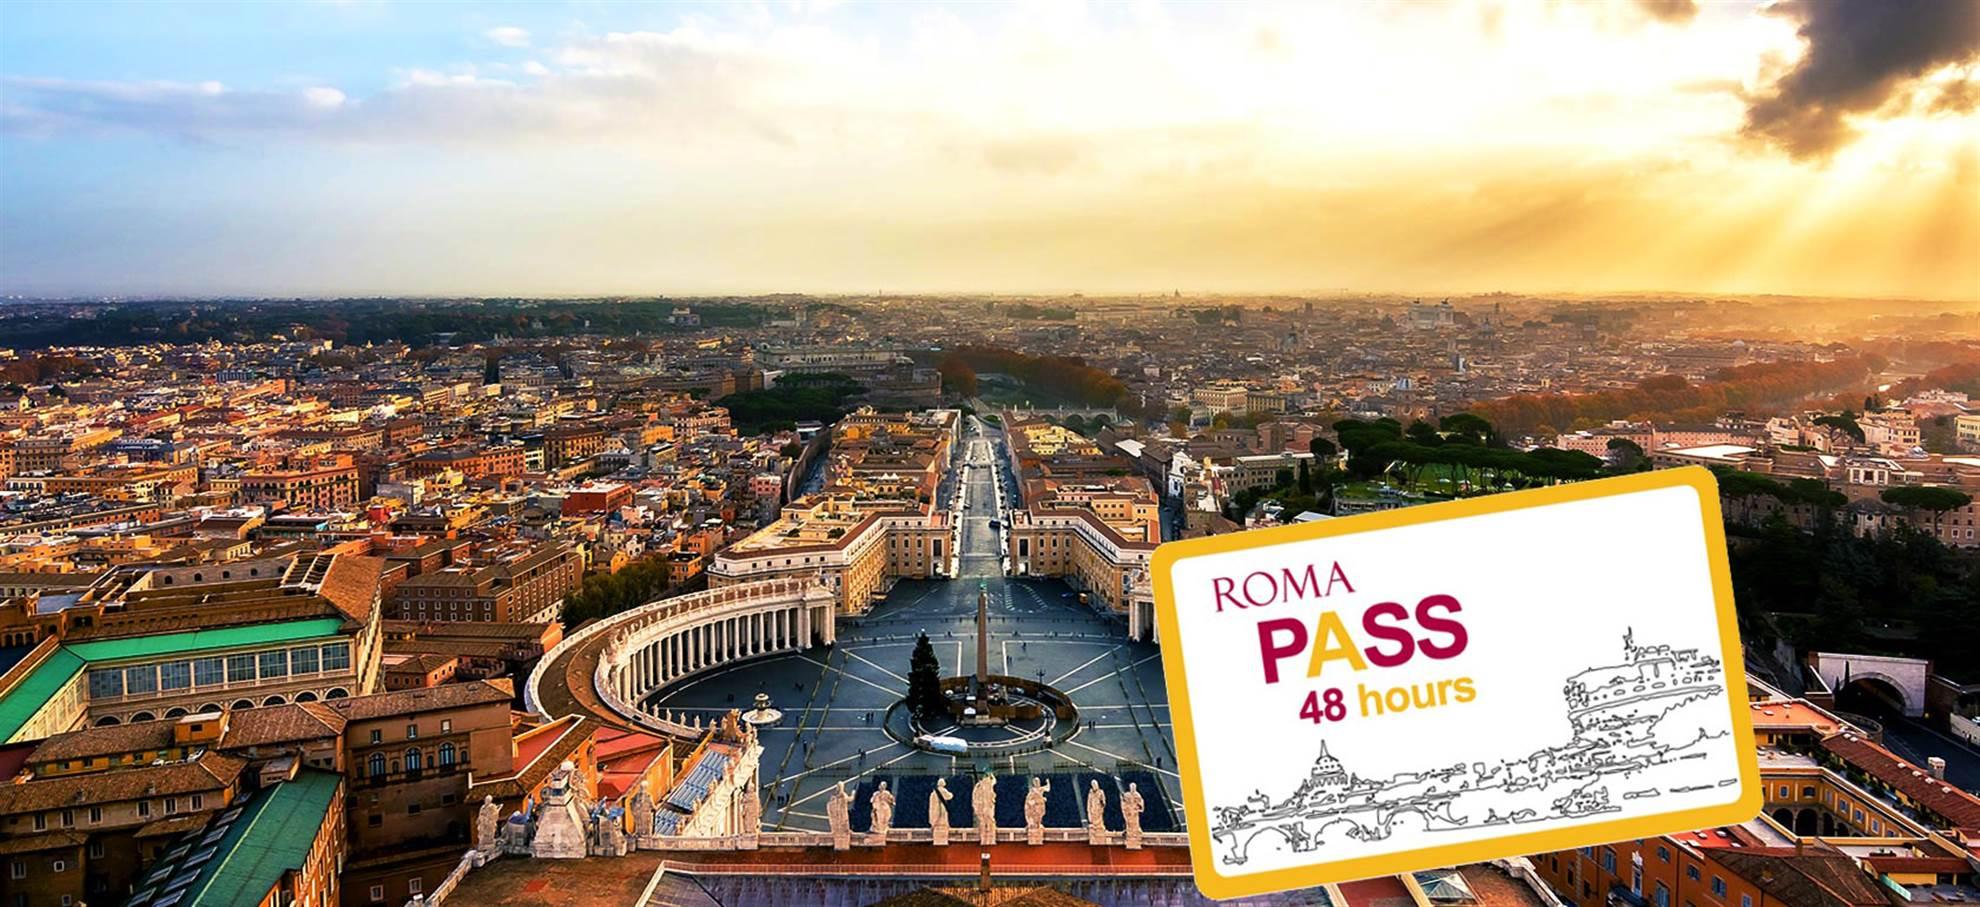 Рома Пасс 48 часа (Опционально билеты без очереди в Собор Св. Петра)